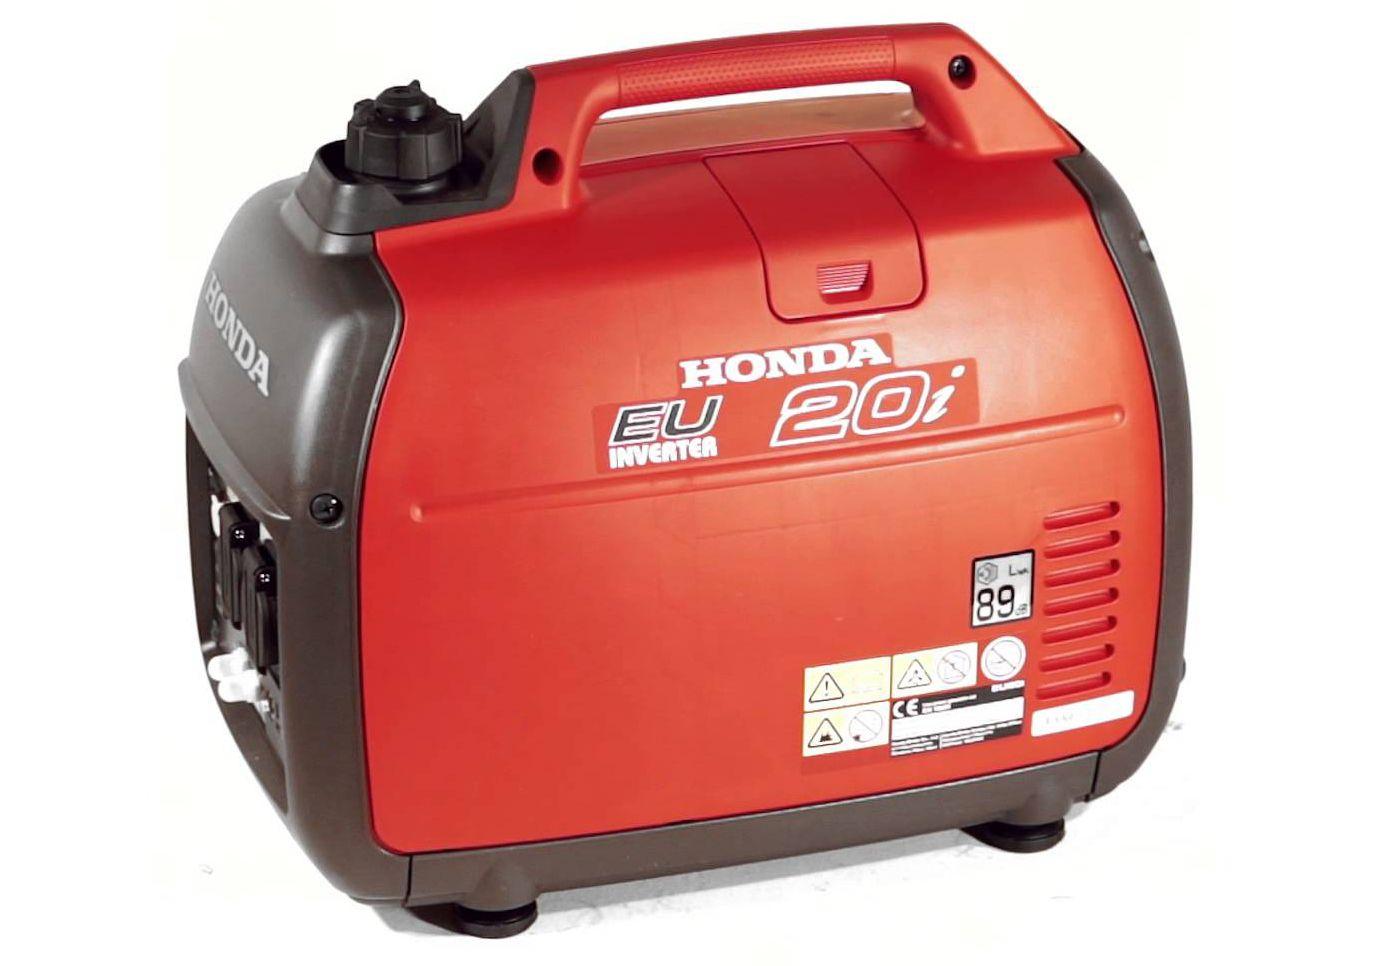 Внешний вид Honda EU 20 i